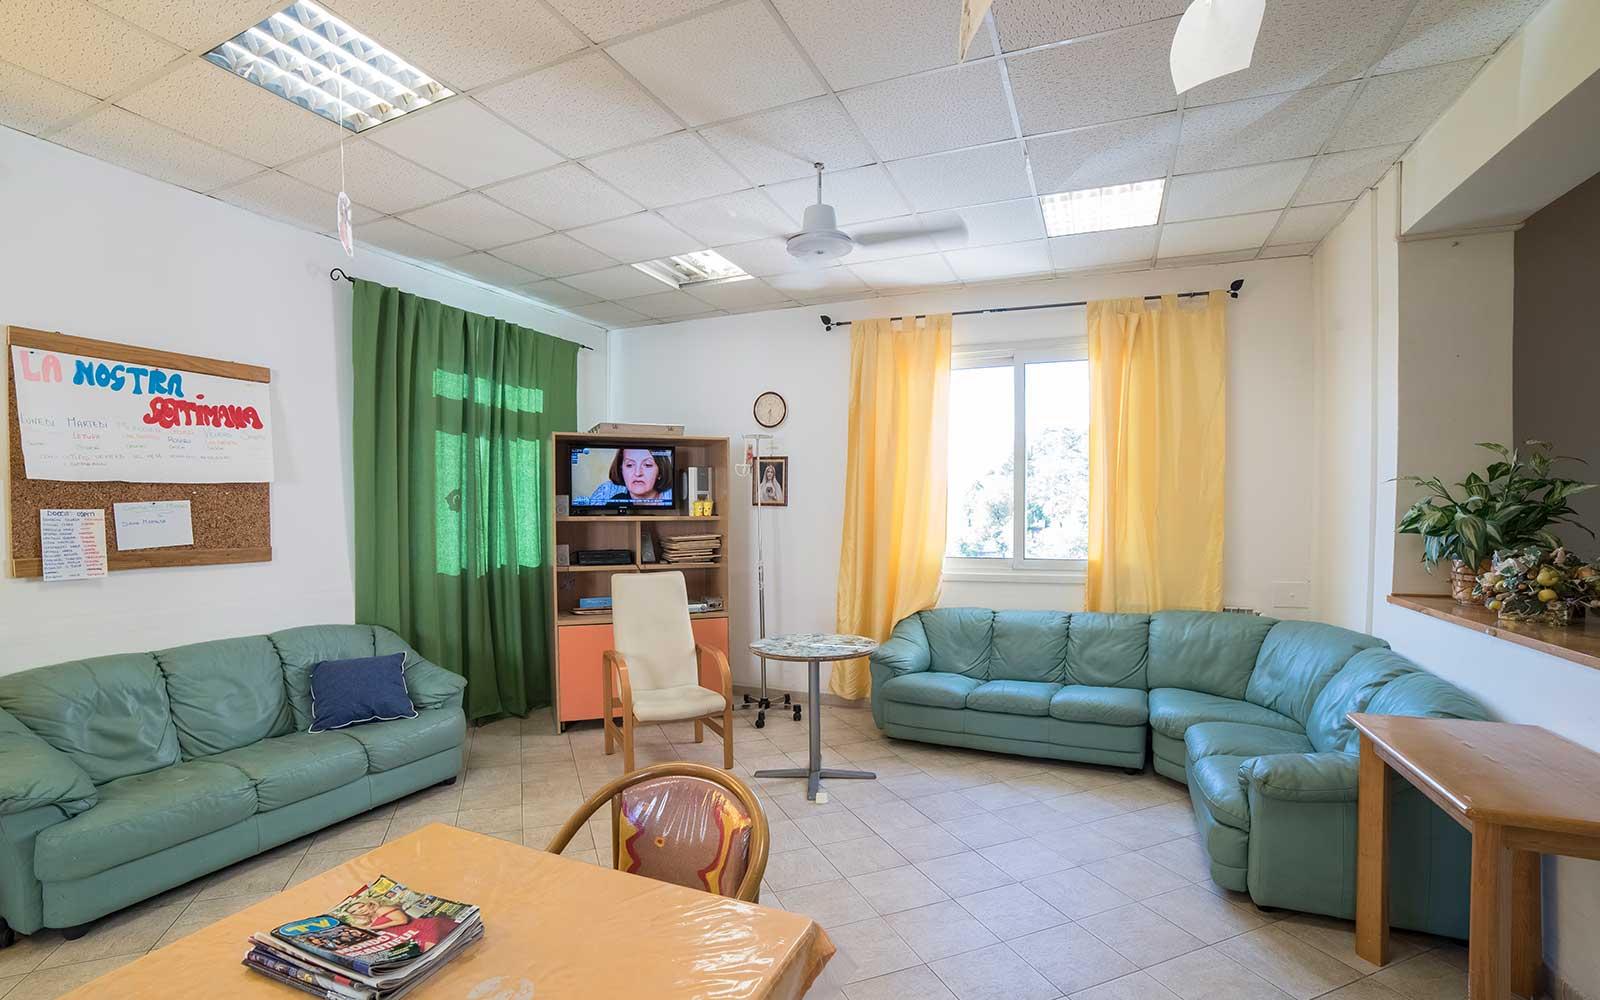 una sala con due divani verdi, una TV è un tavolo con una sedia